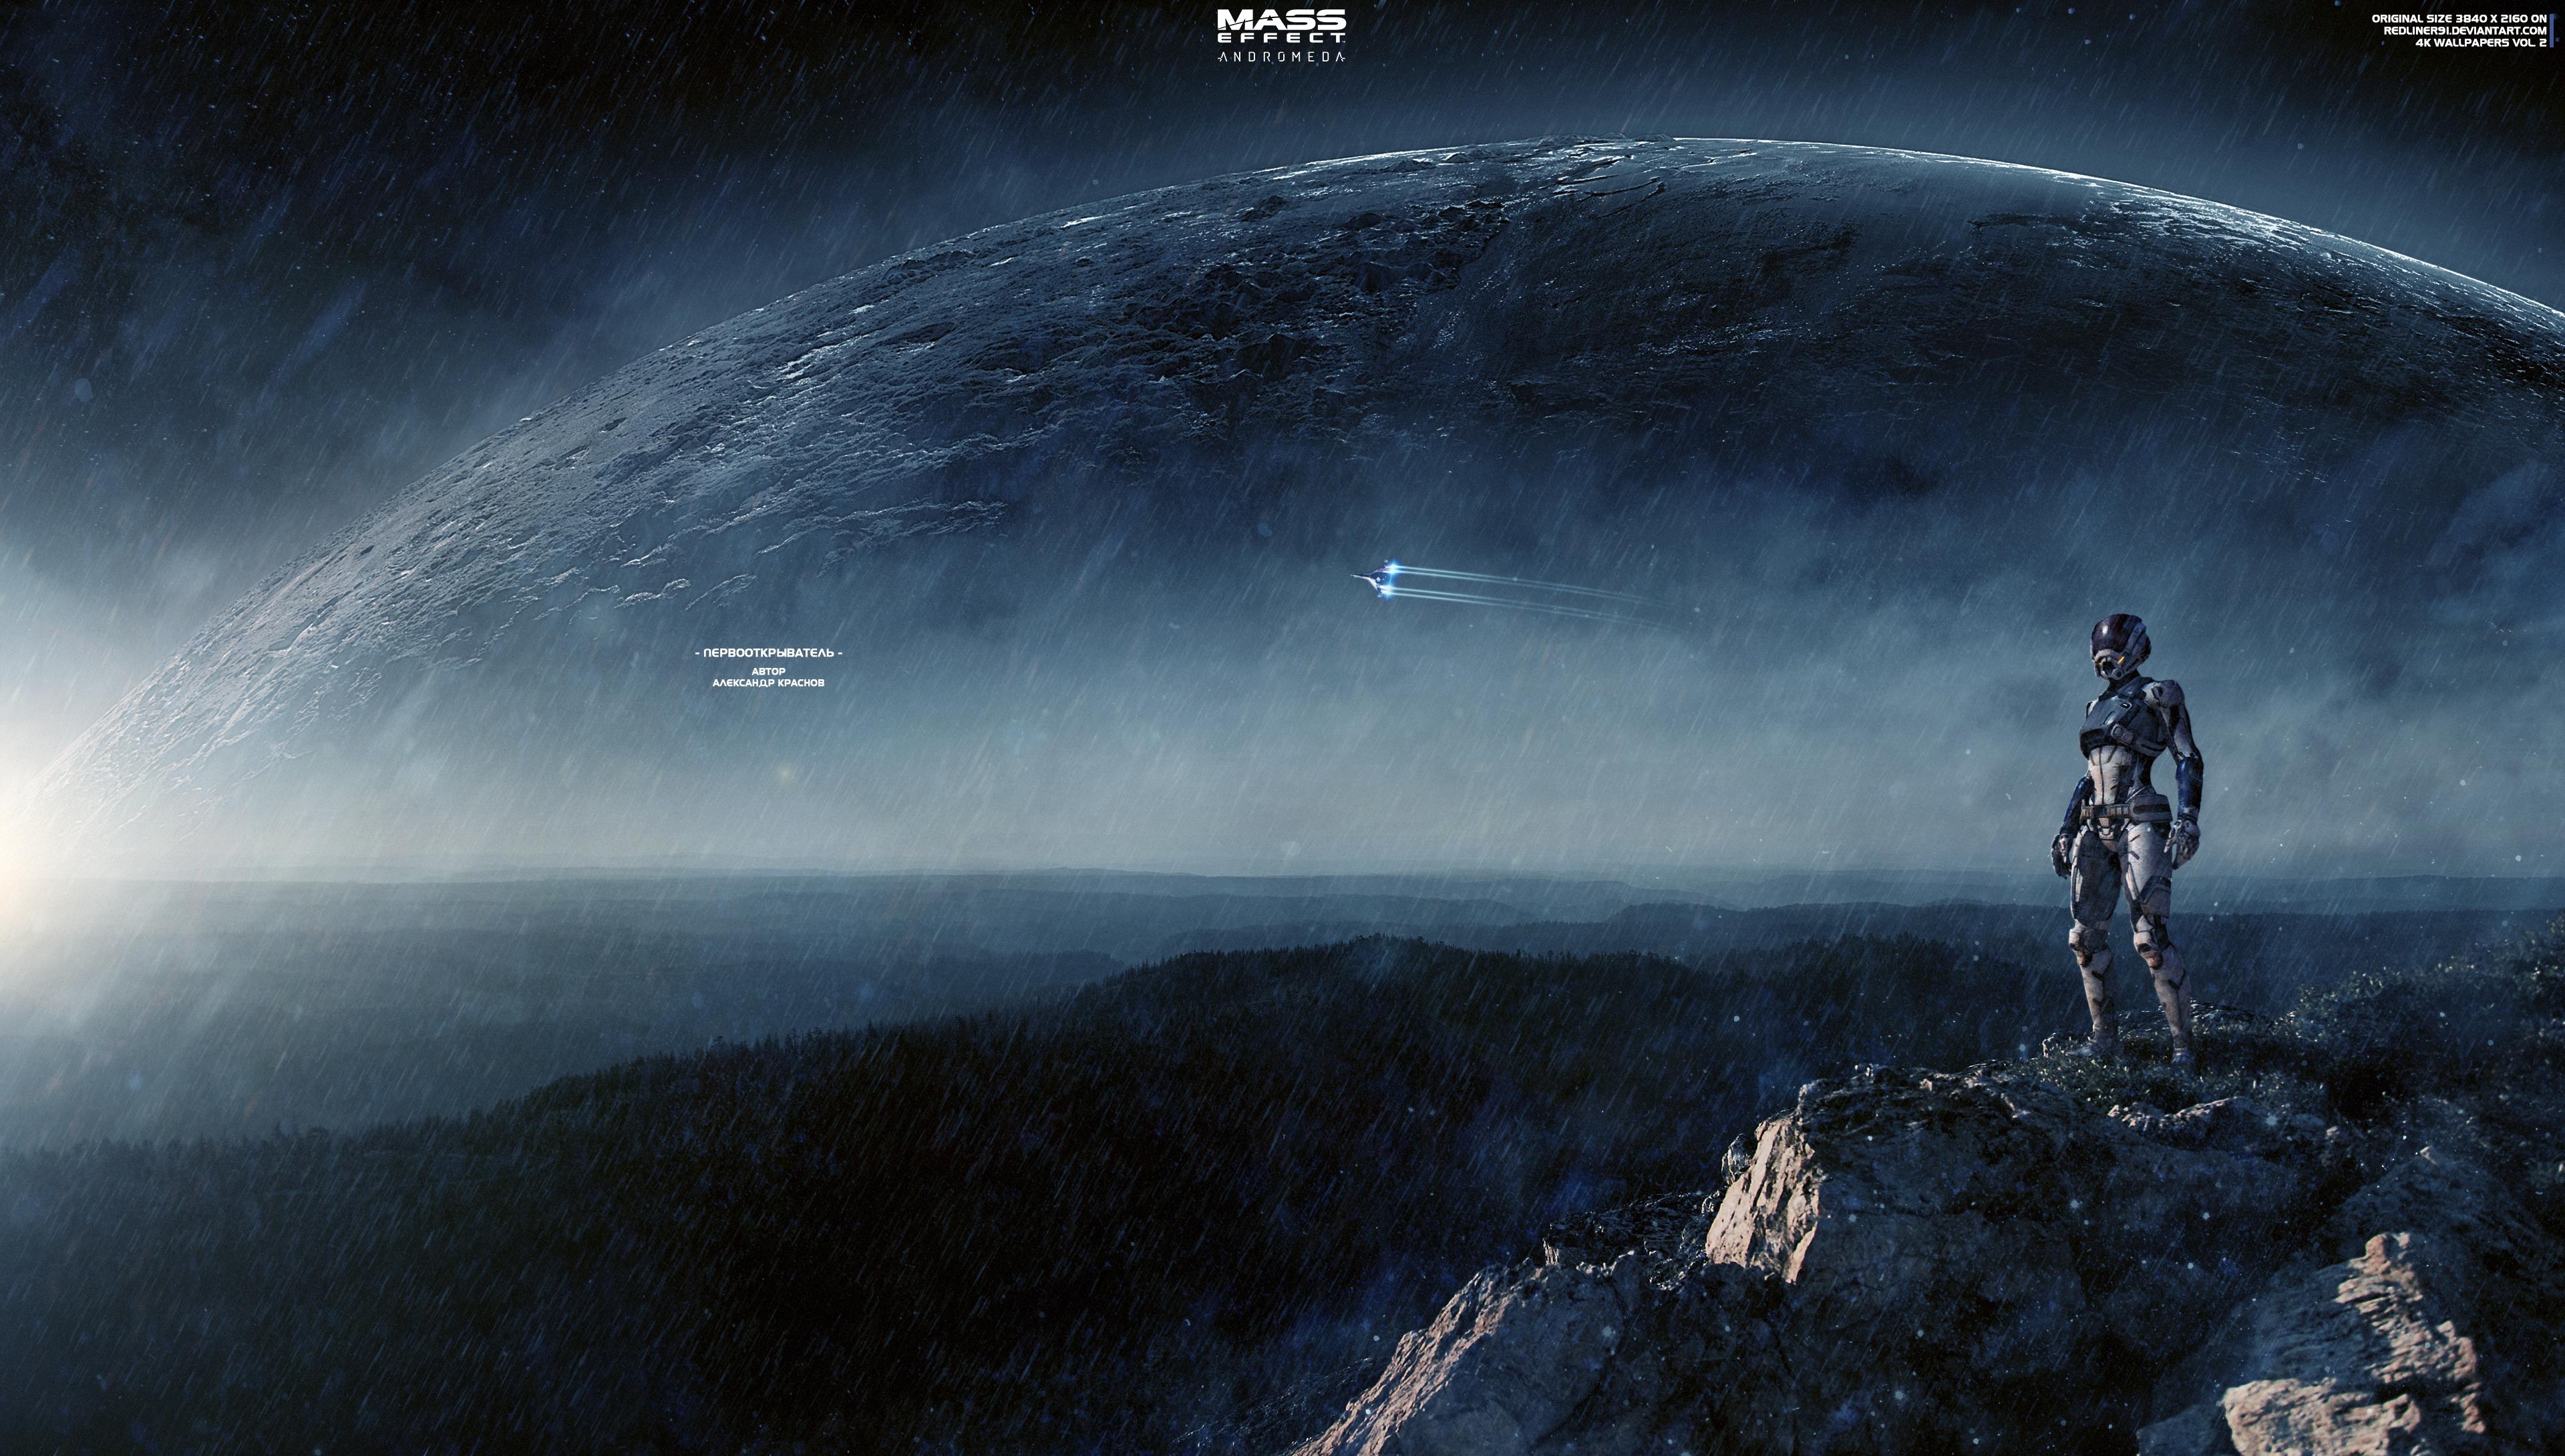 Discoverer Mass Effect Andromeda Wallpapers 4k By Redliner91 On Deviantart